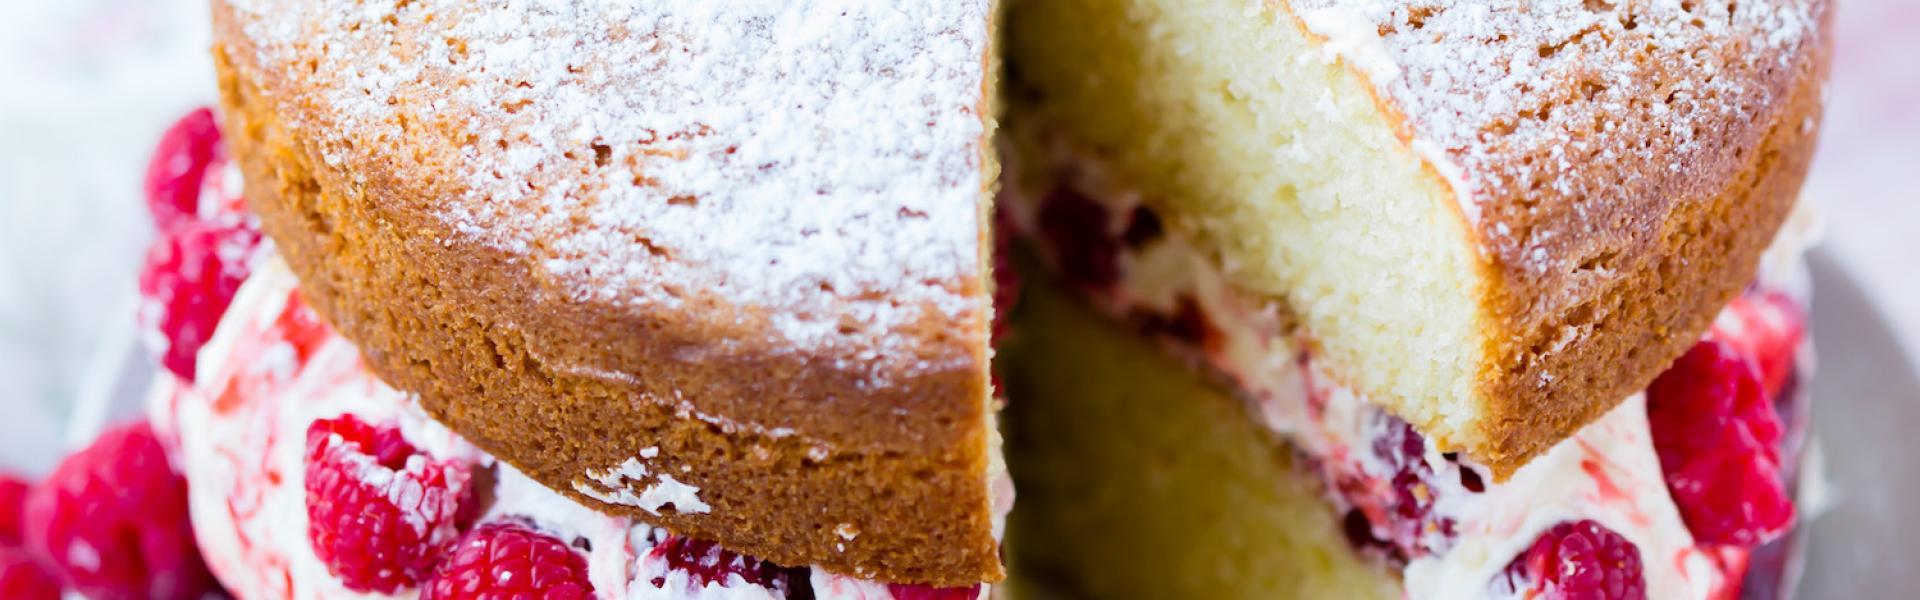 Himbeer-Biskuit-Torte angeschnitten auch einer Kuchenplatte.